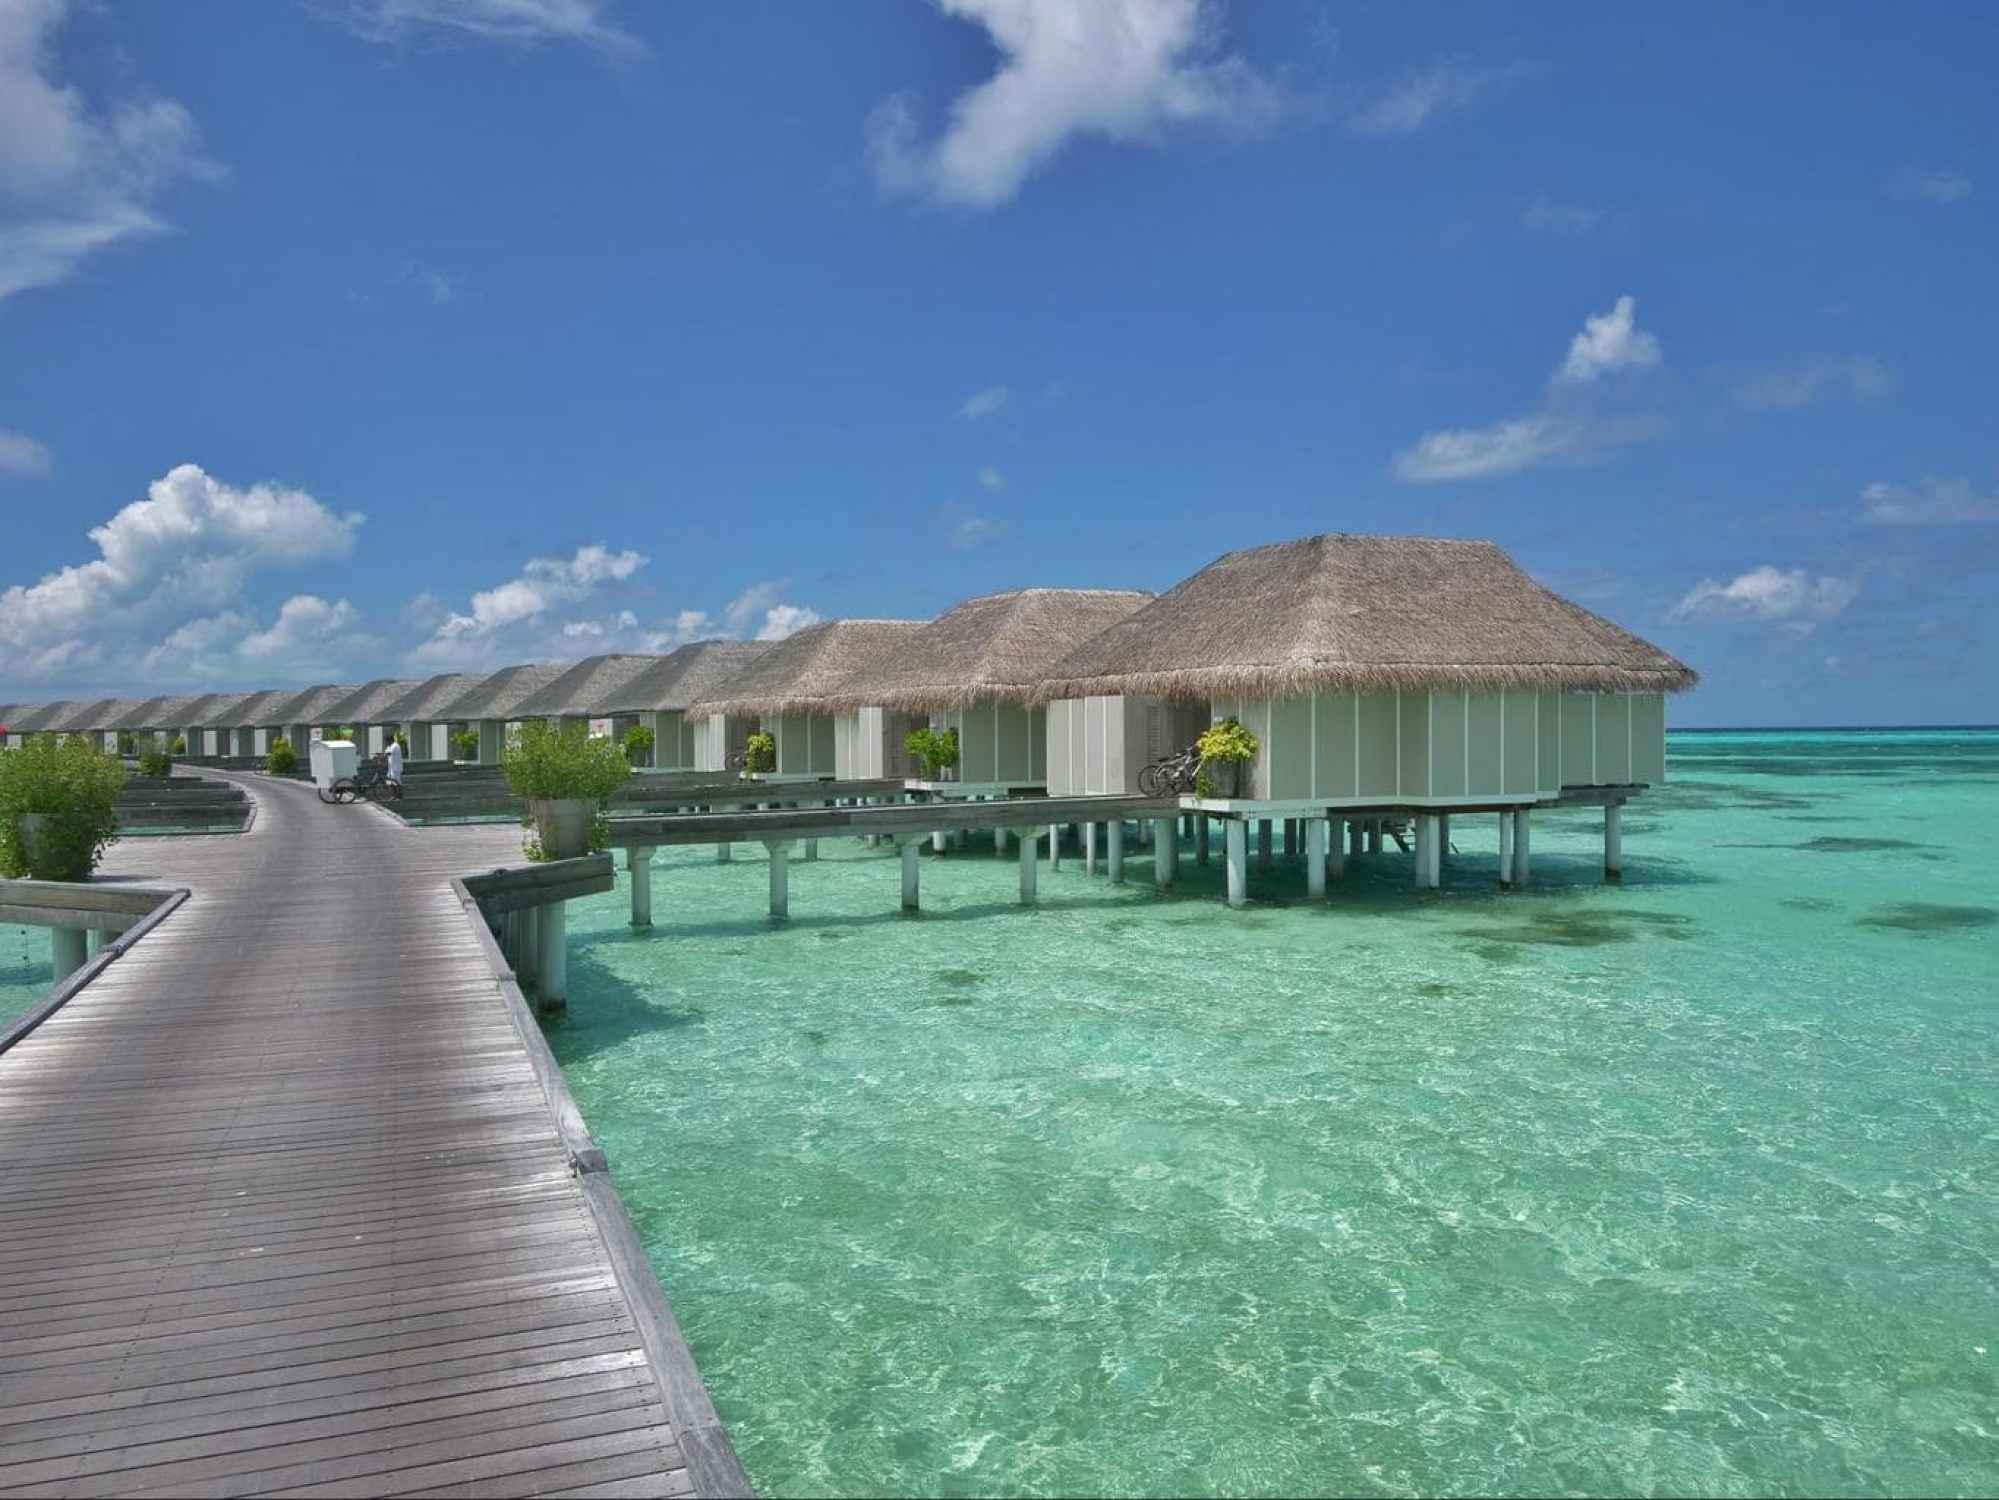 Water villas at LUX* Maldives South Ari Atoll